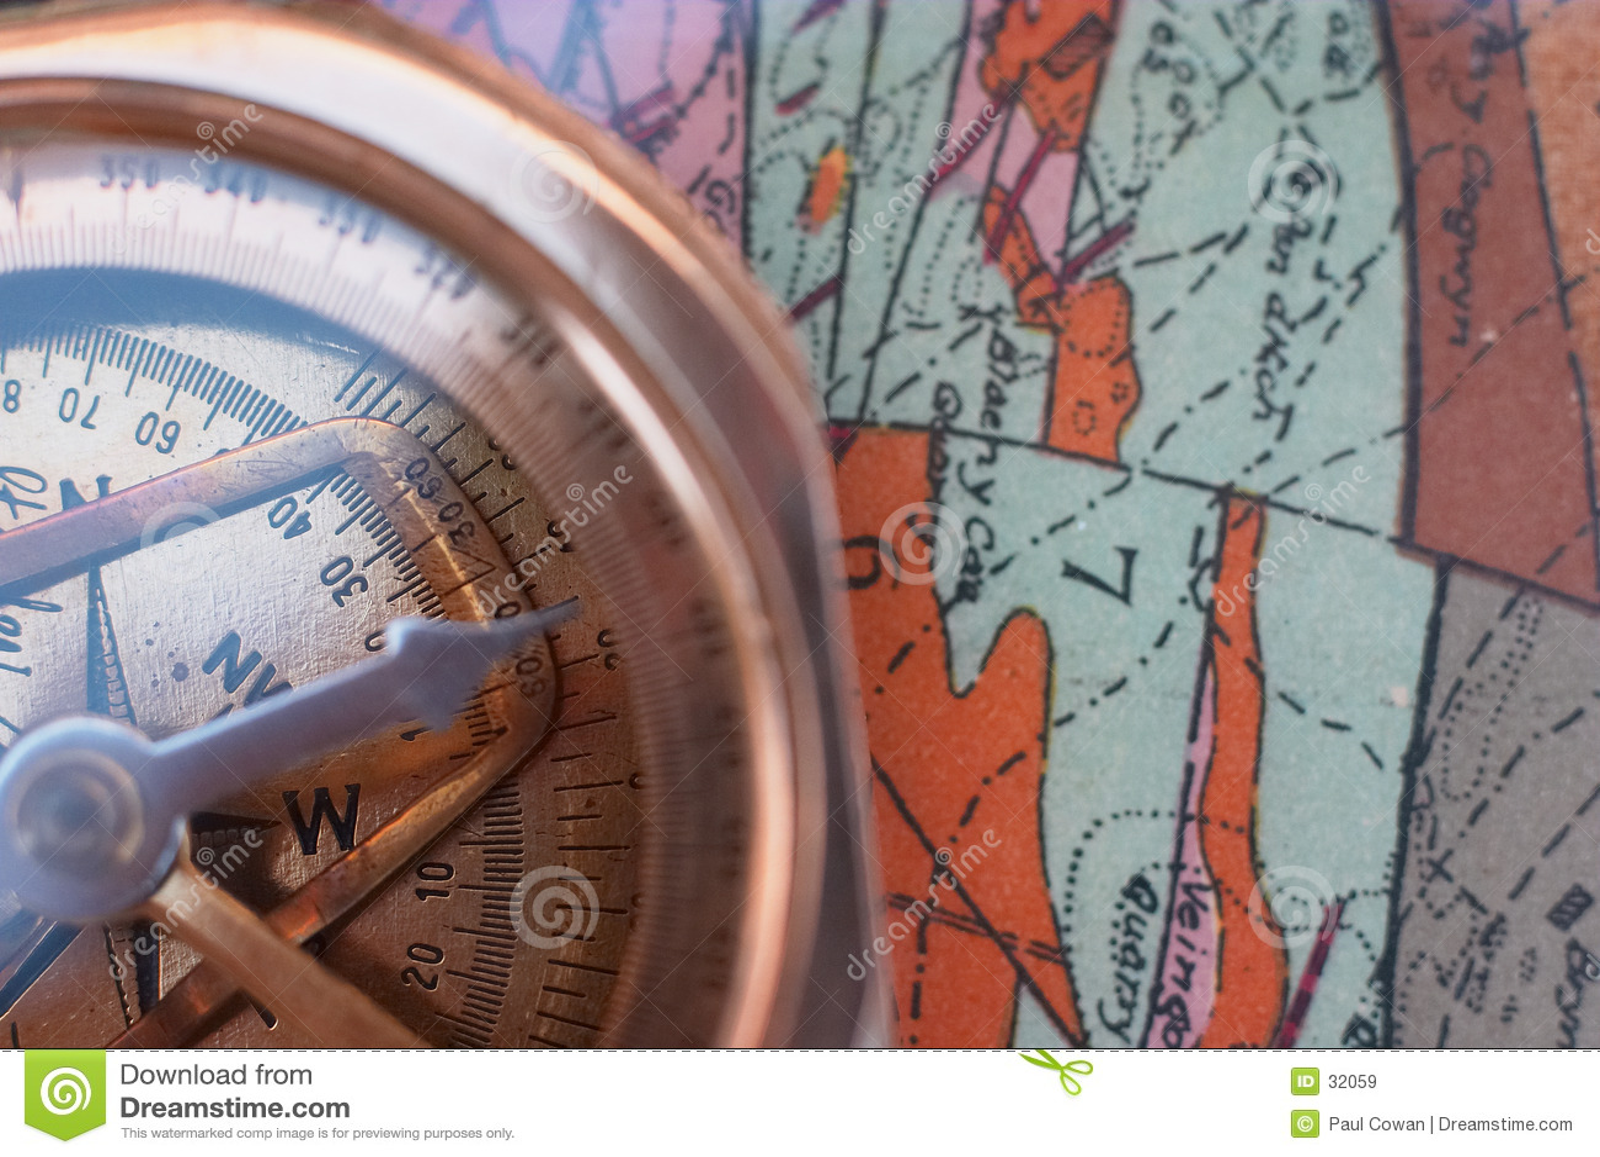 Cartographie de 3